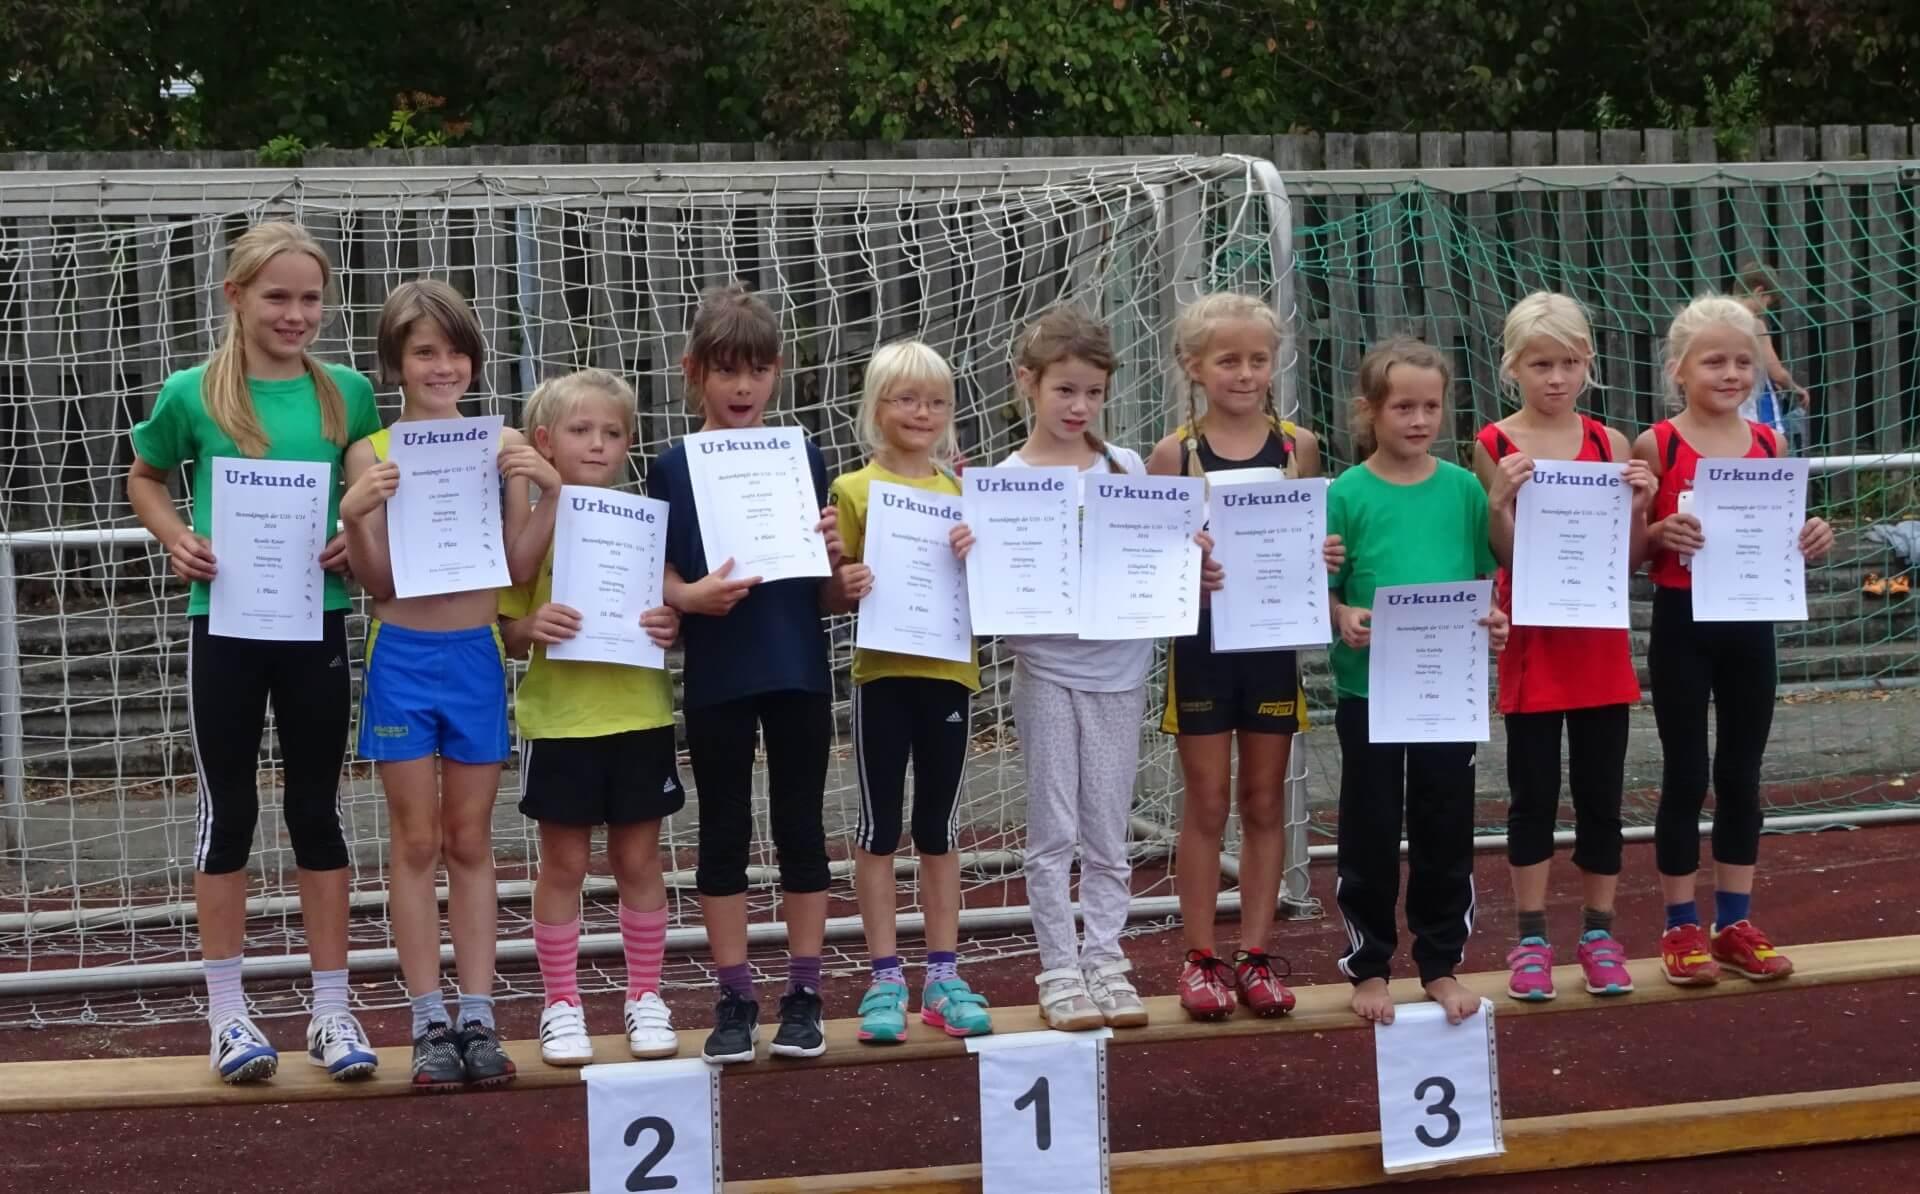 Siegerehrung der 8jährigen und jüngeren Athletinnen